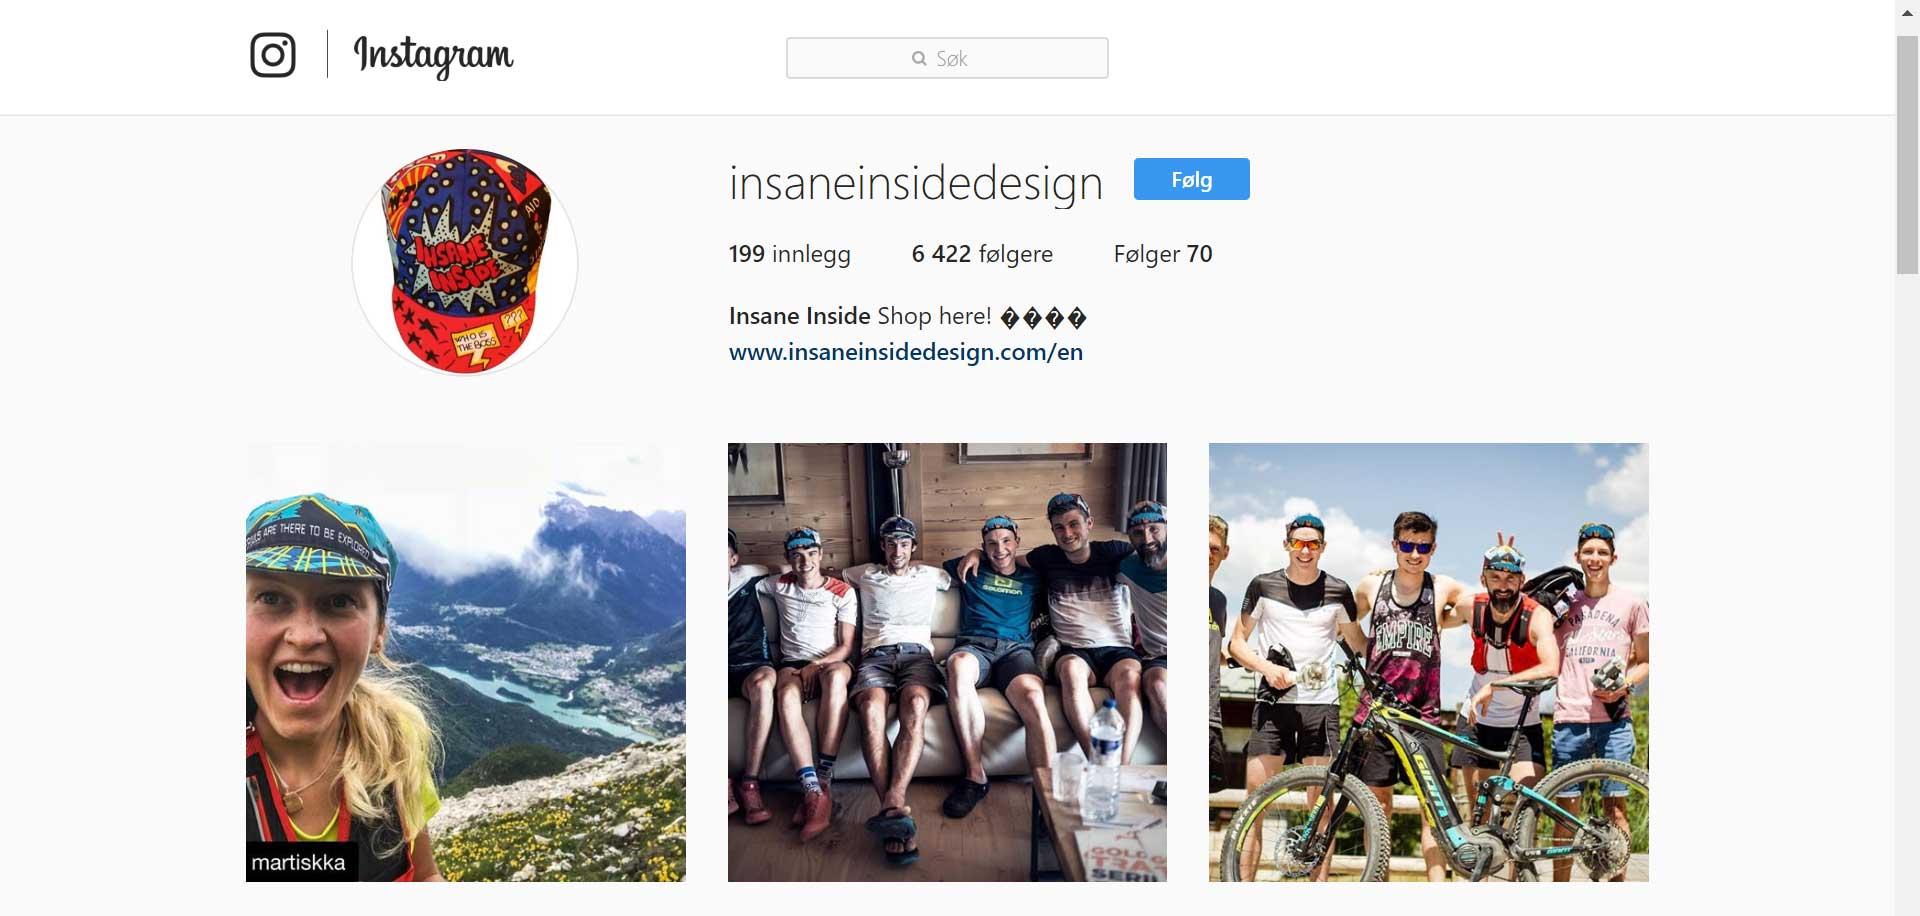 Instagramkontoen til Insane Inside viser frem løpemijøet på en gøyal måte. Gründer og designer er løpefotografen Martina Valmassoi i første bildet til venstre. Hun kommer fra en landsby, i Dolomittene i Italia.